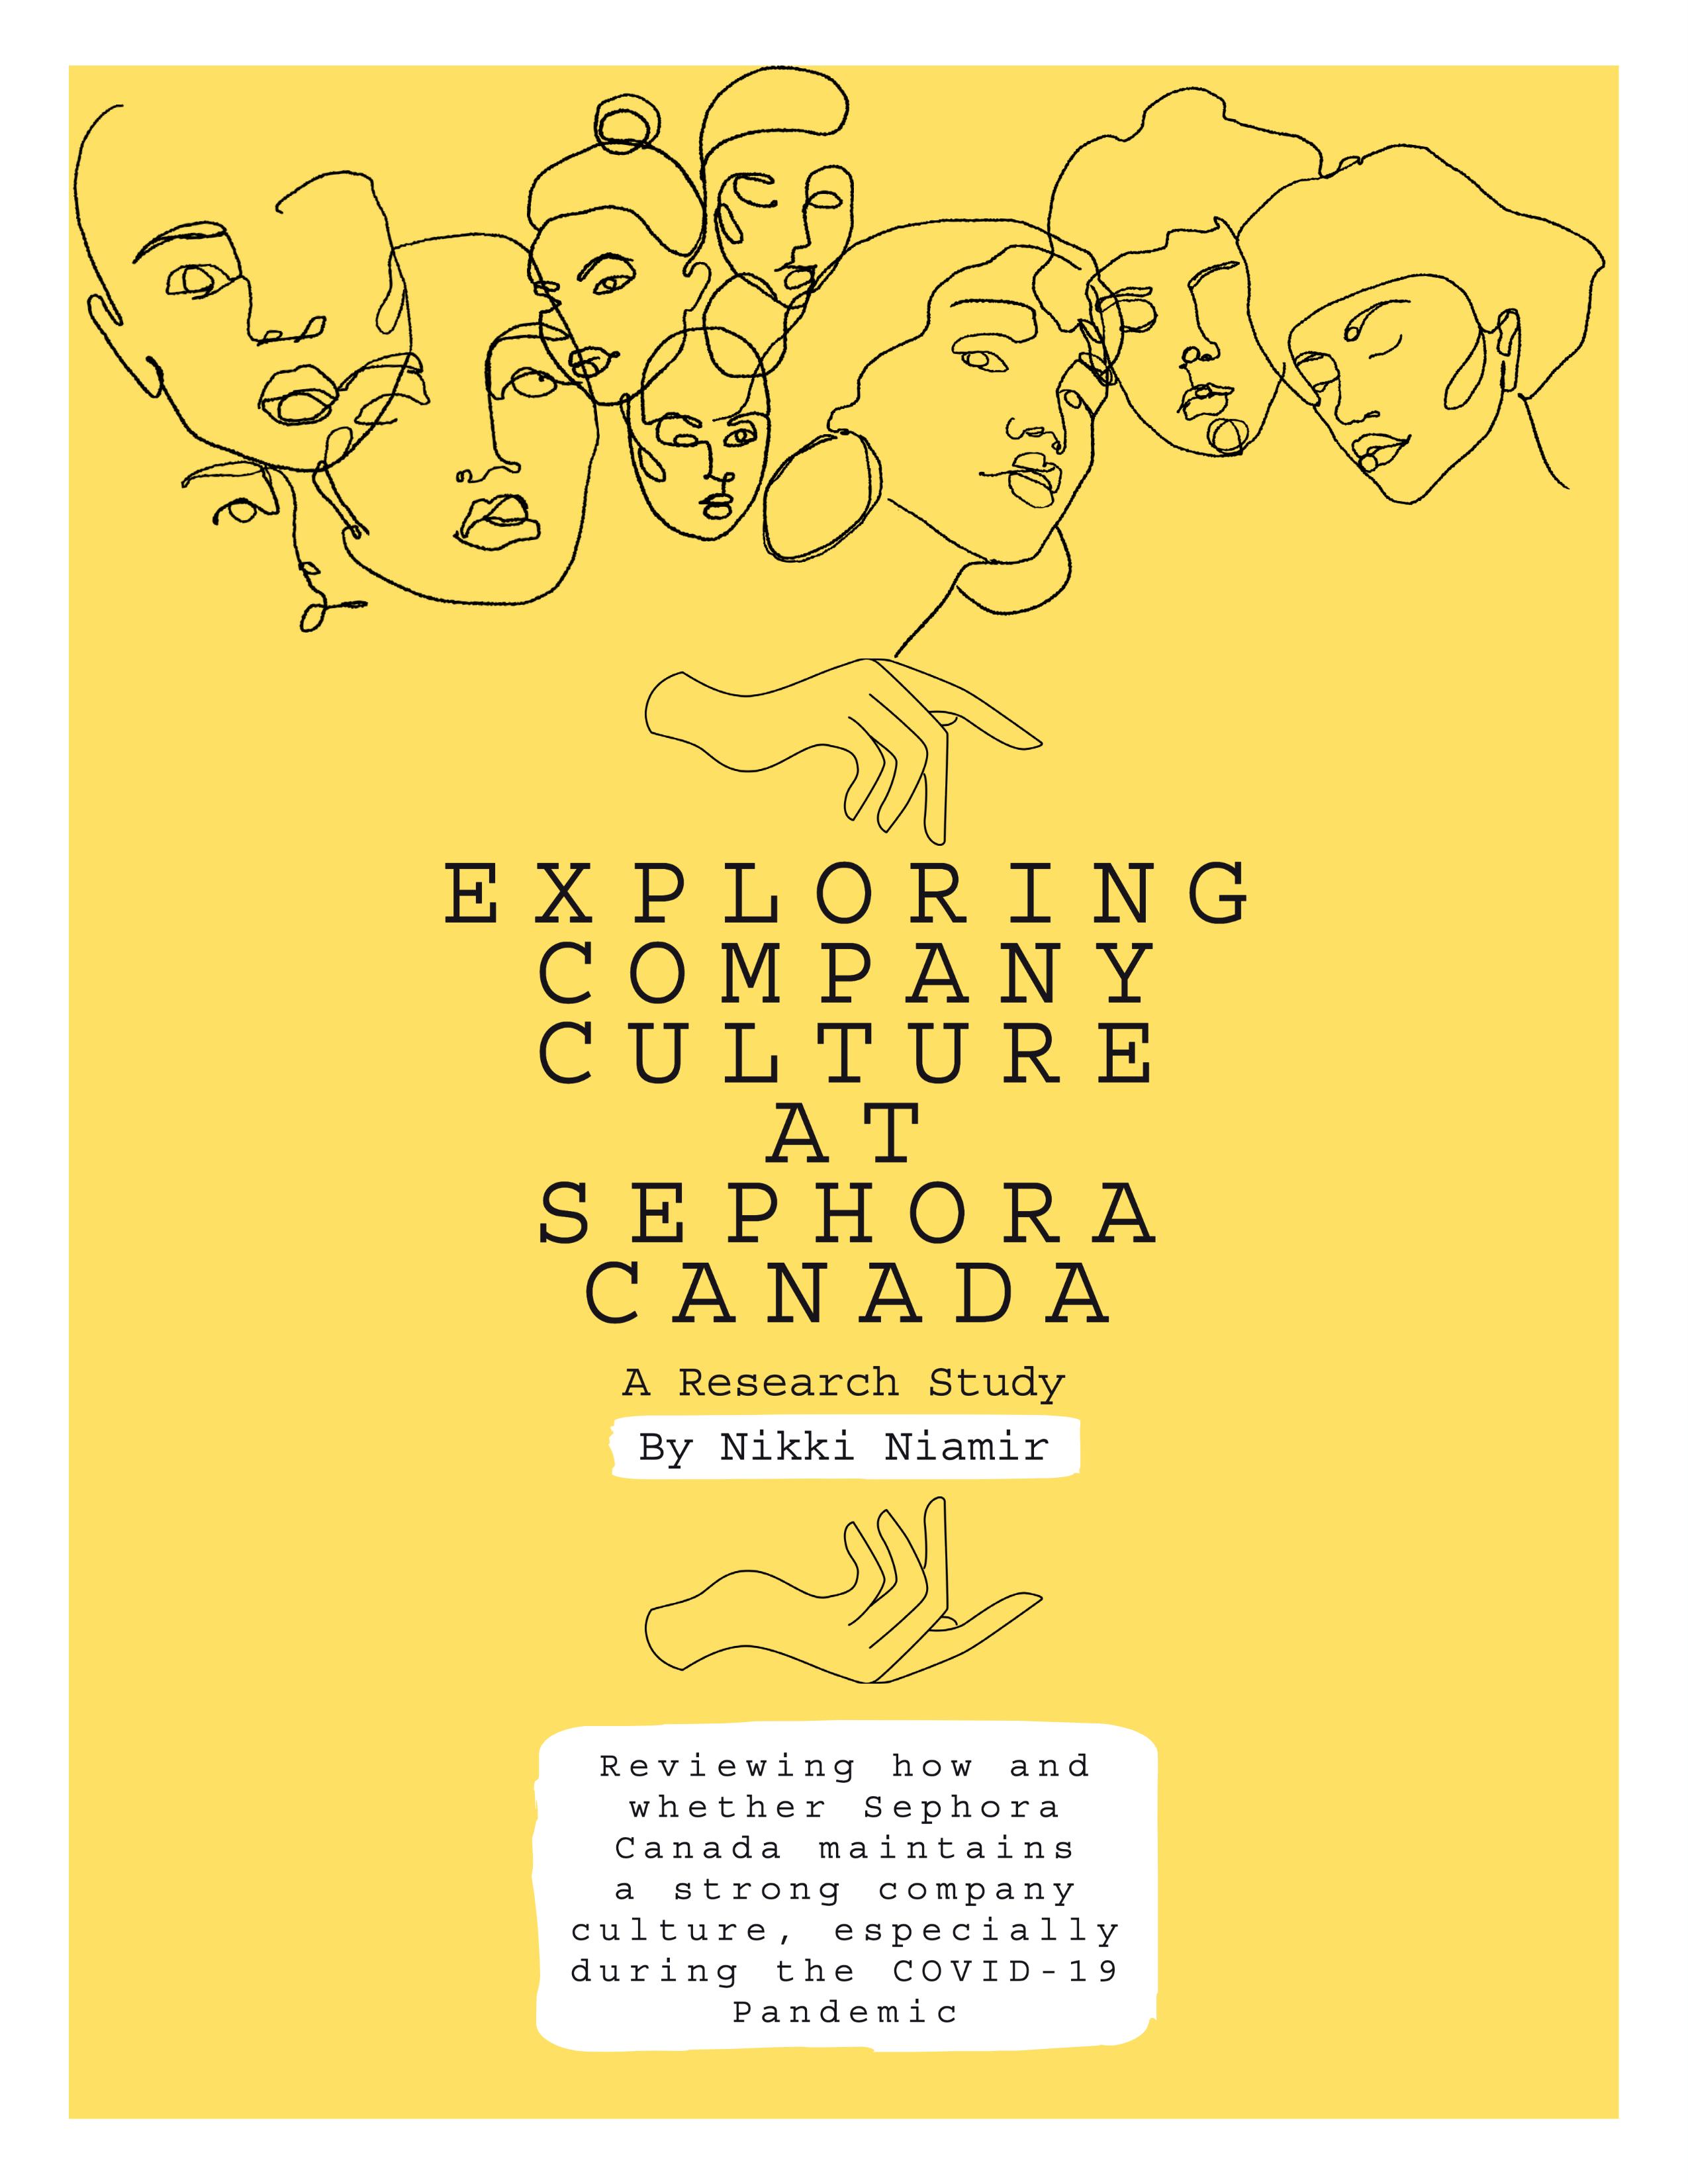 Exploring Company Culture at Sephora Canada